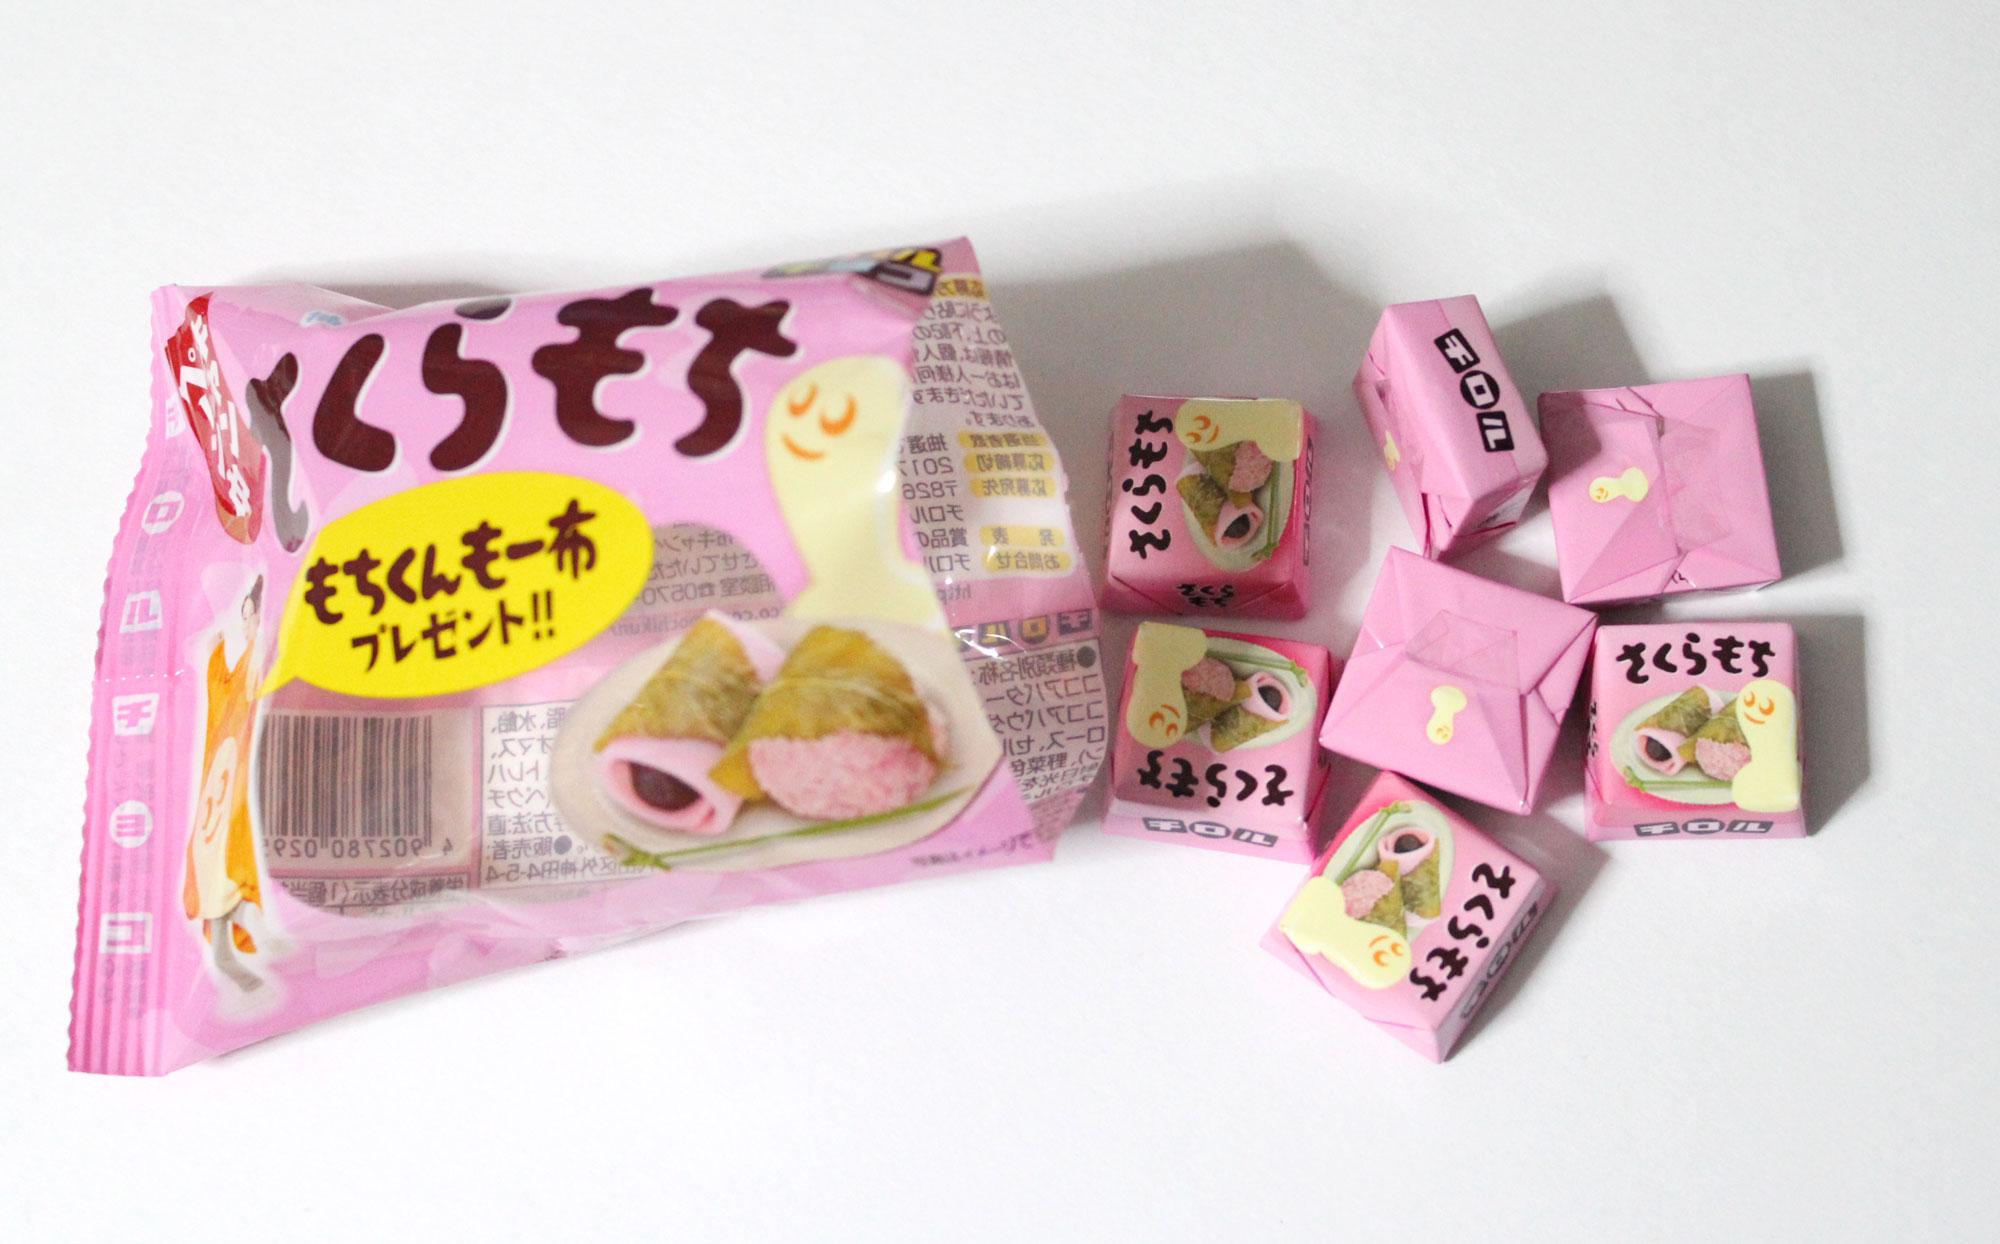 袋の中には7個のチロルチョコが入っている